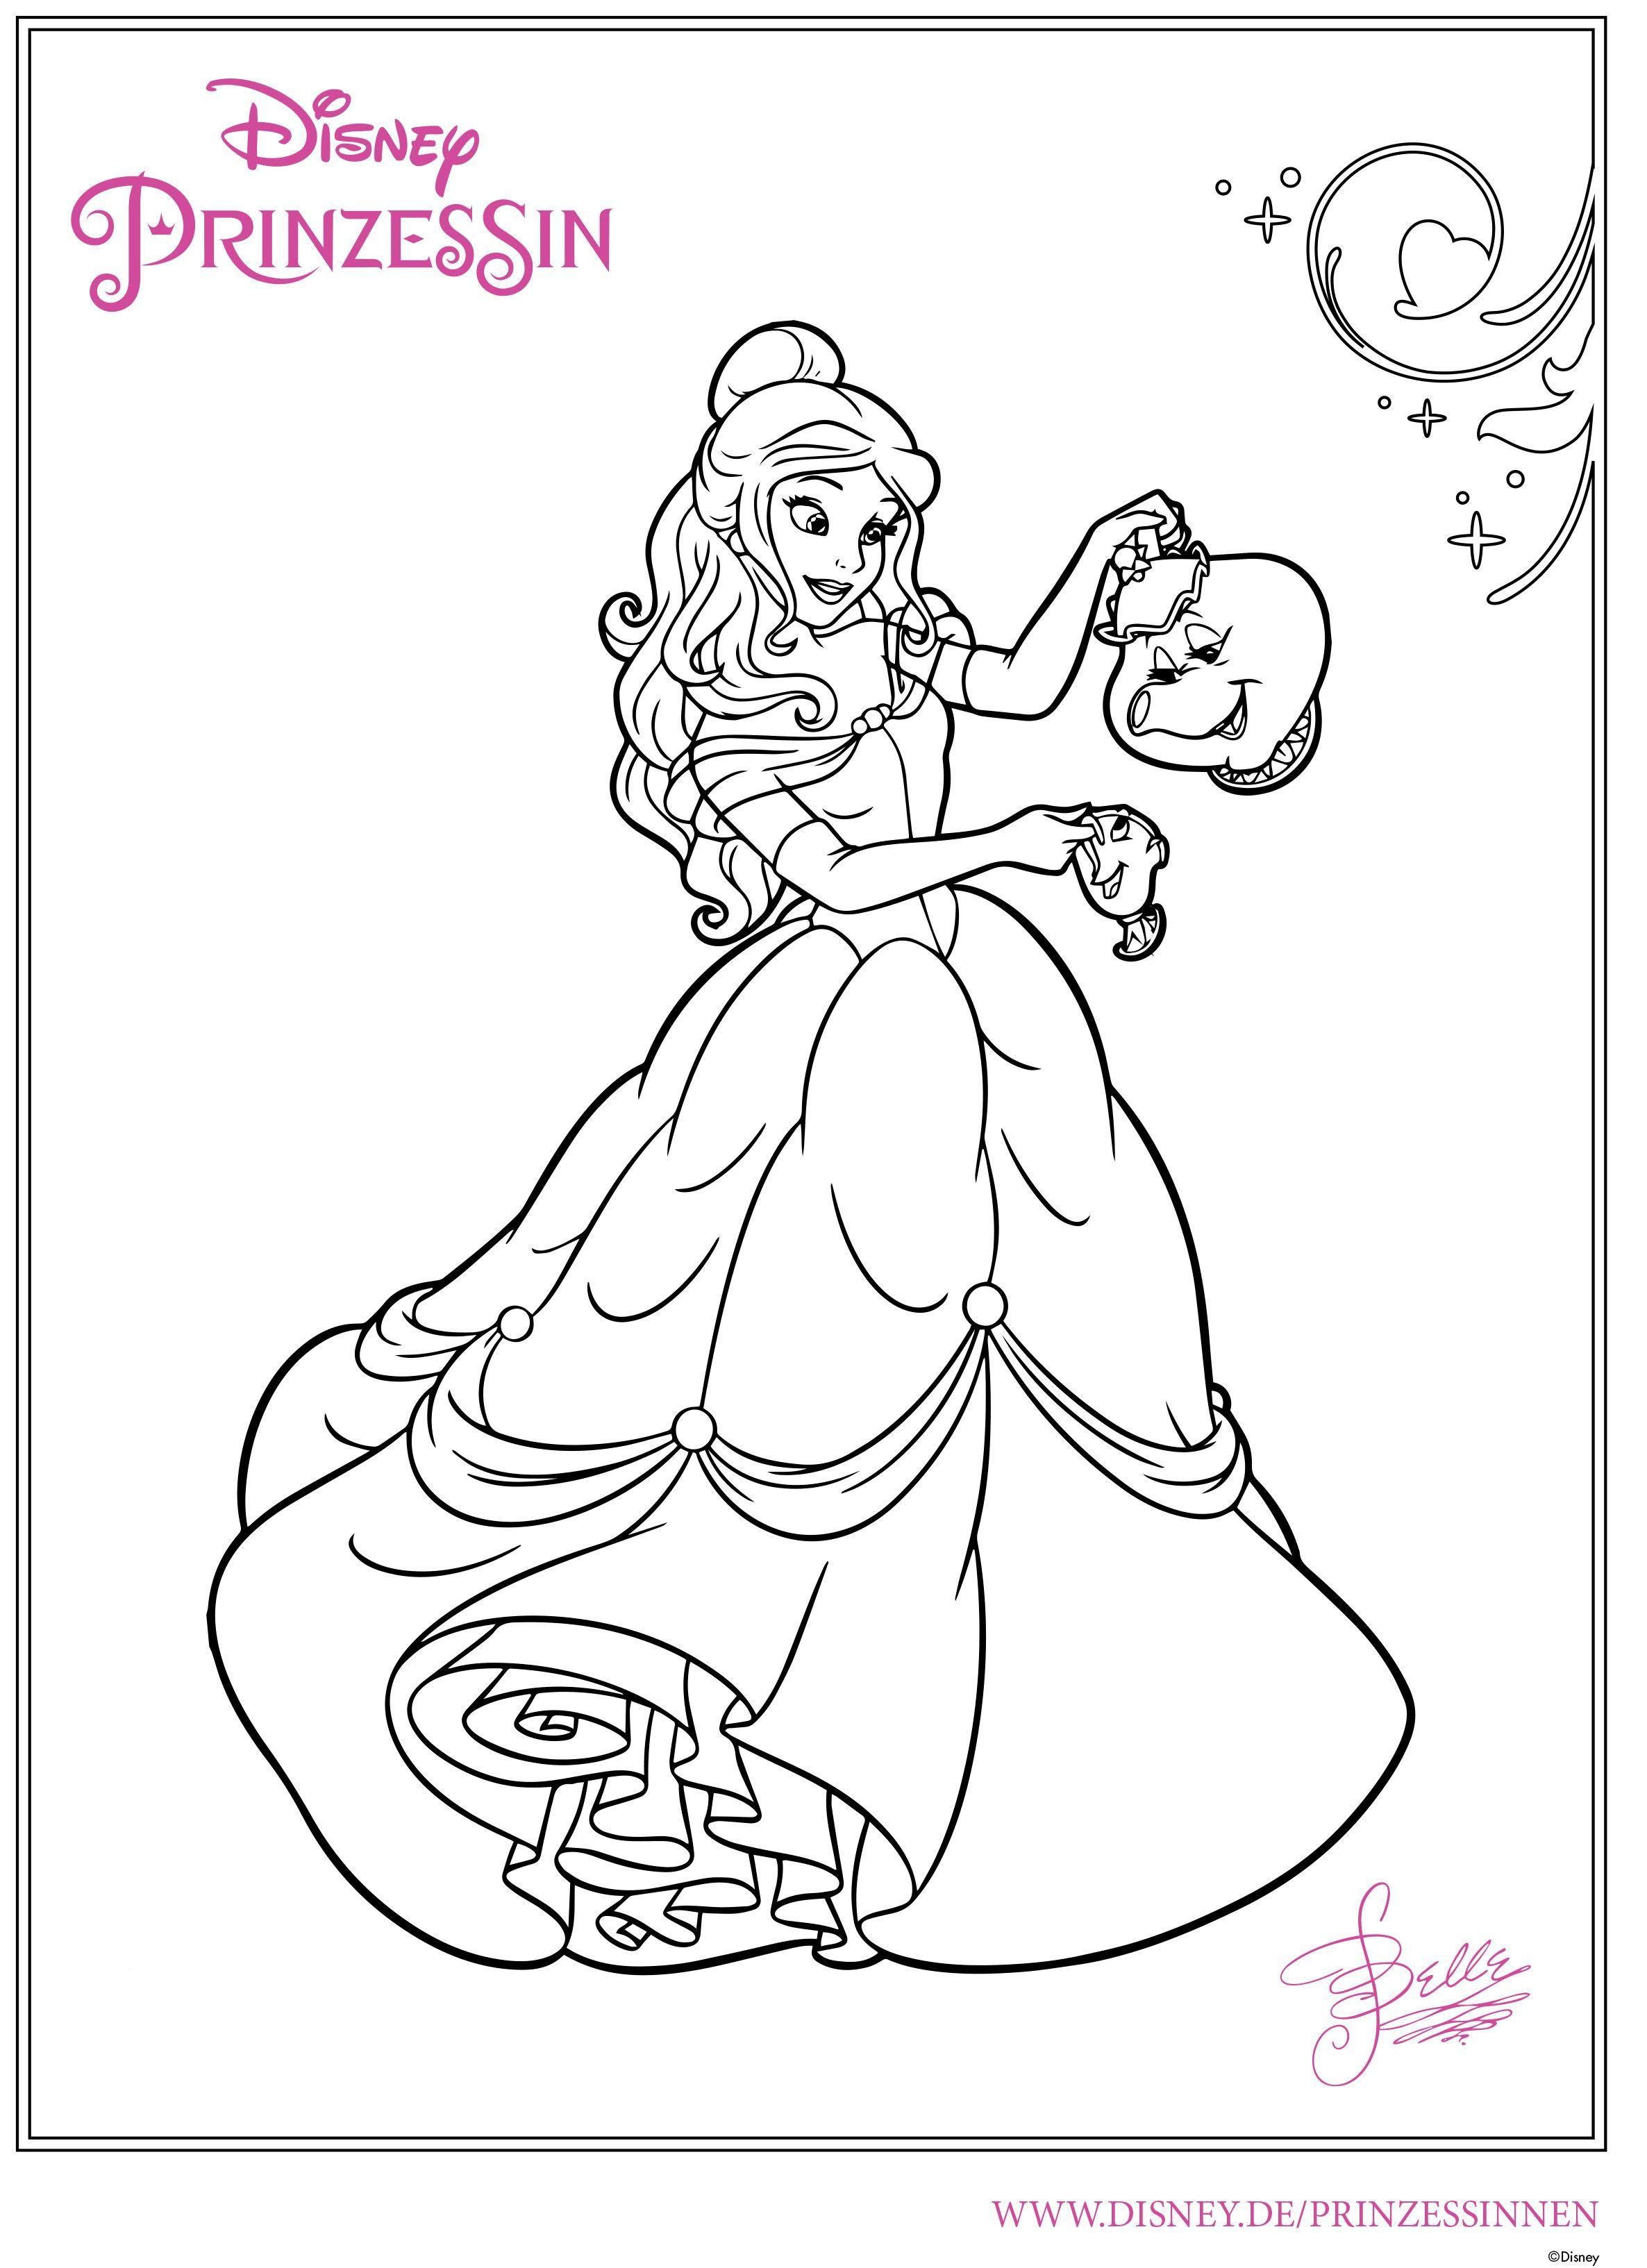 Ausmalbilder Belle 346 Malvorlage Alle Ausmalbilder Kostenlos Ausmalbilder Belle Zum Ausdrucken Prinzessin